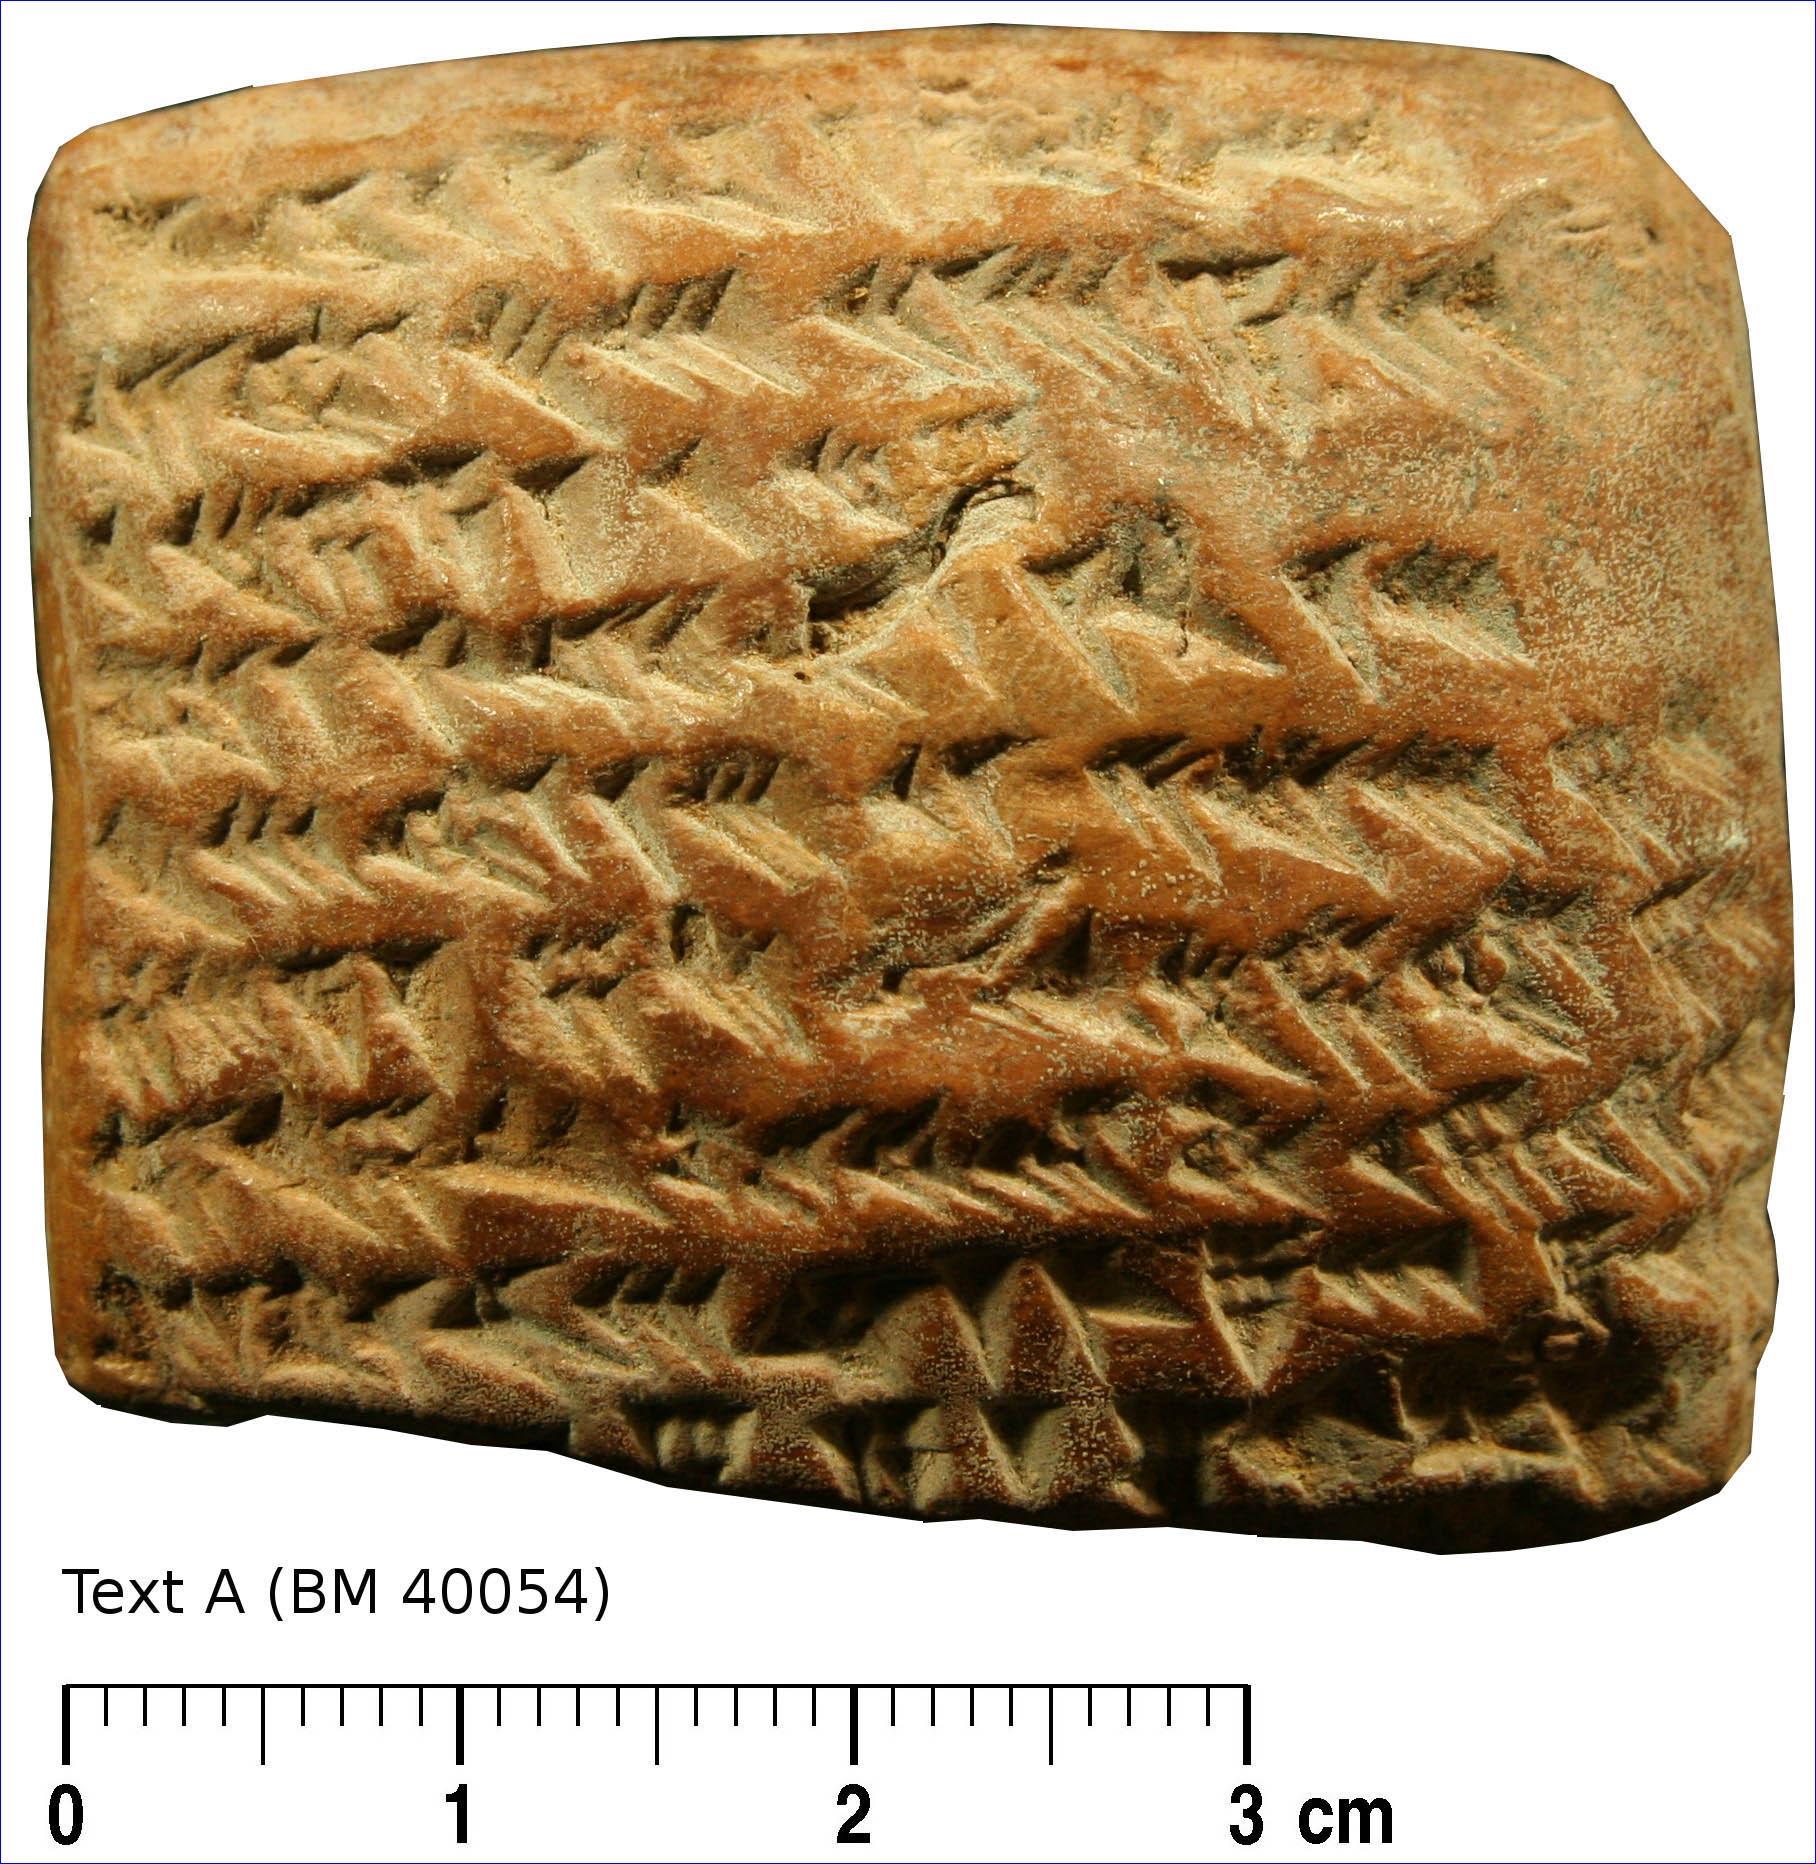 【古代文明】古代バビロニアの粘土板解読したら、木星の軌道計算法でした。